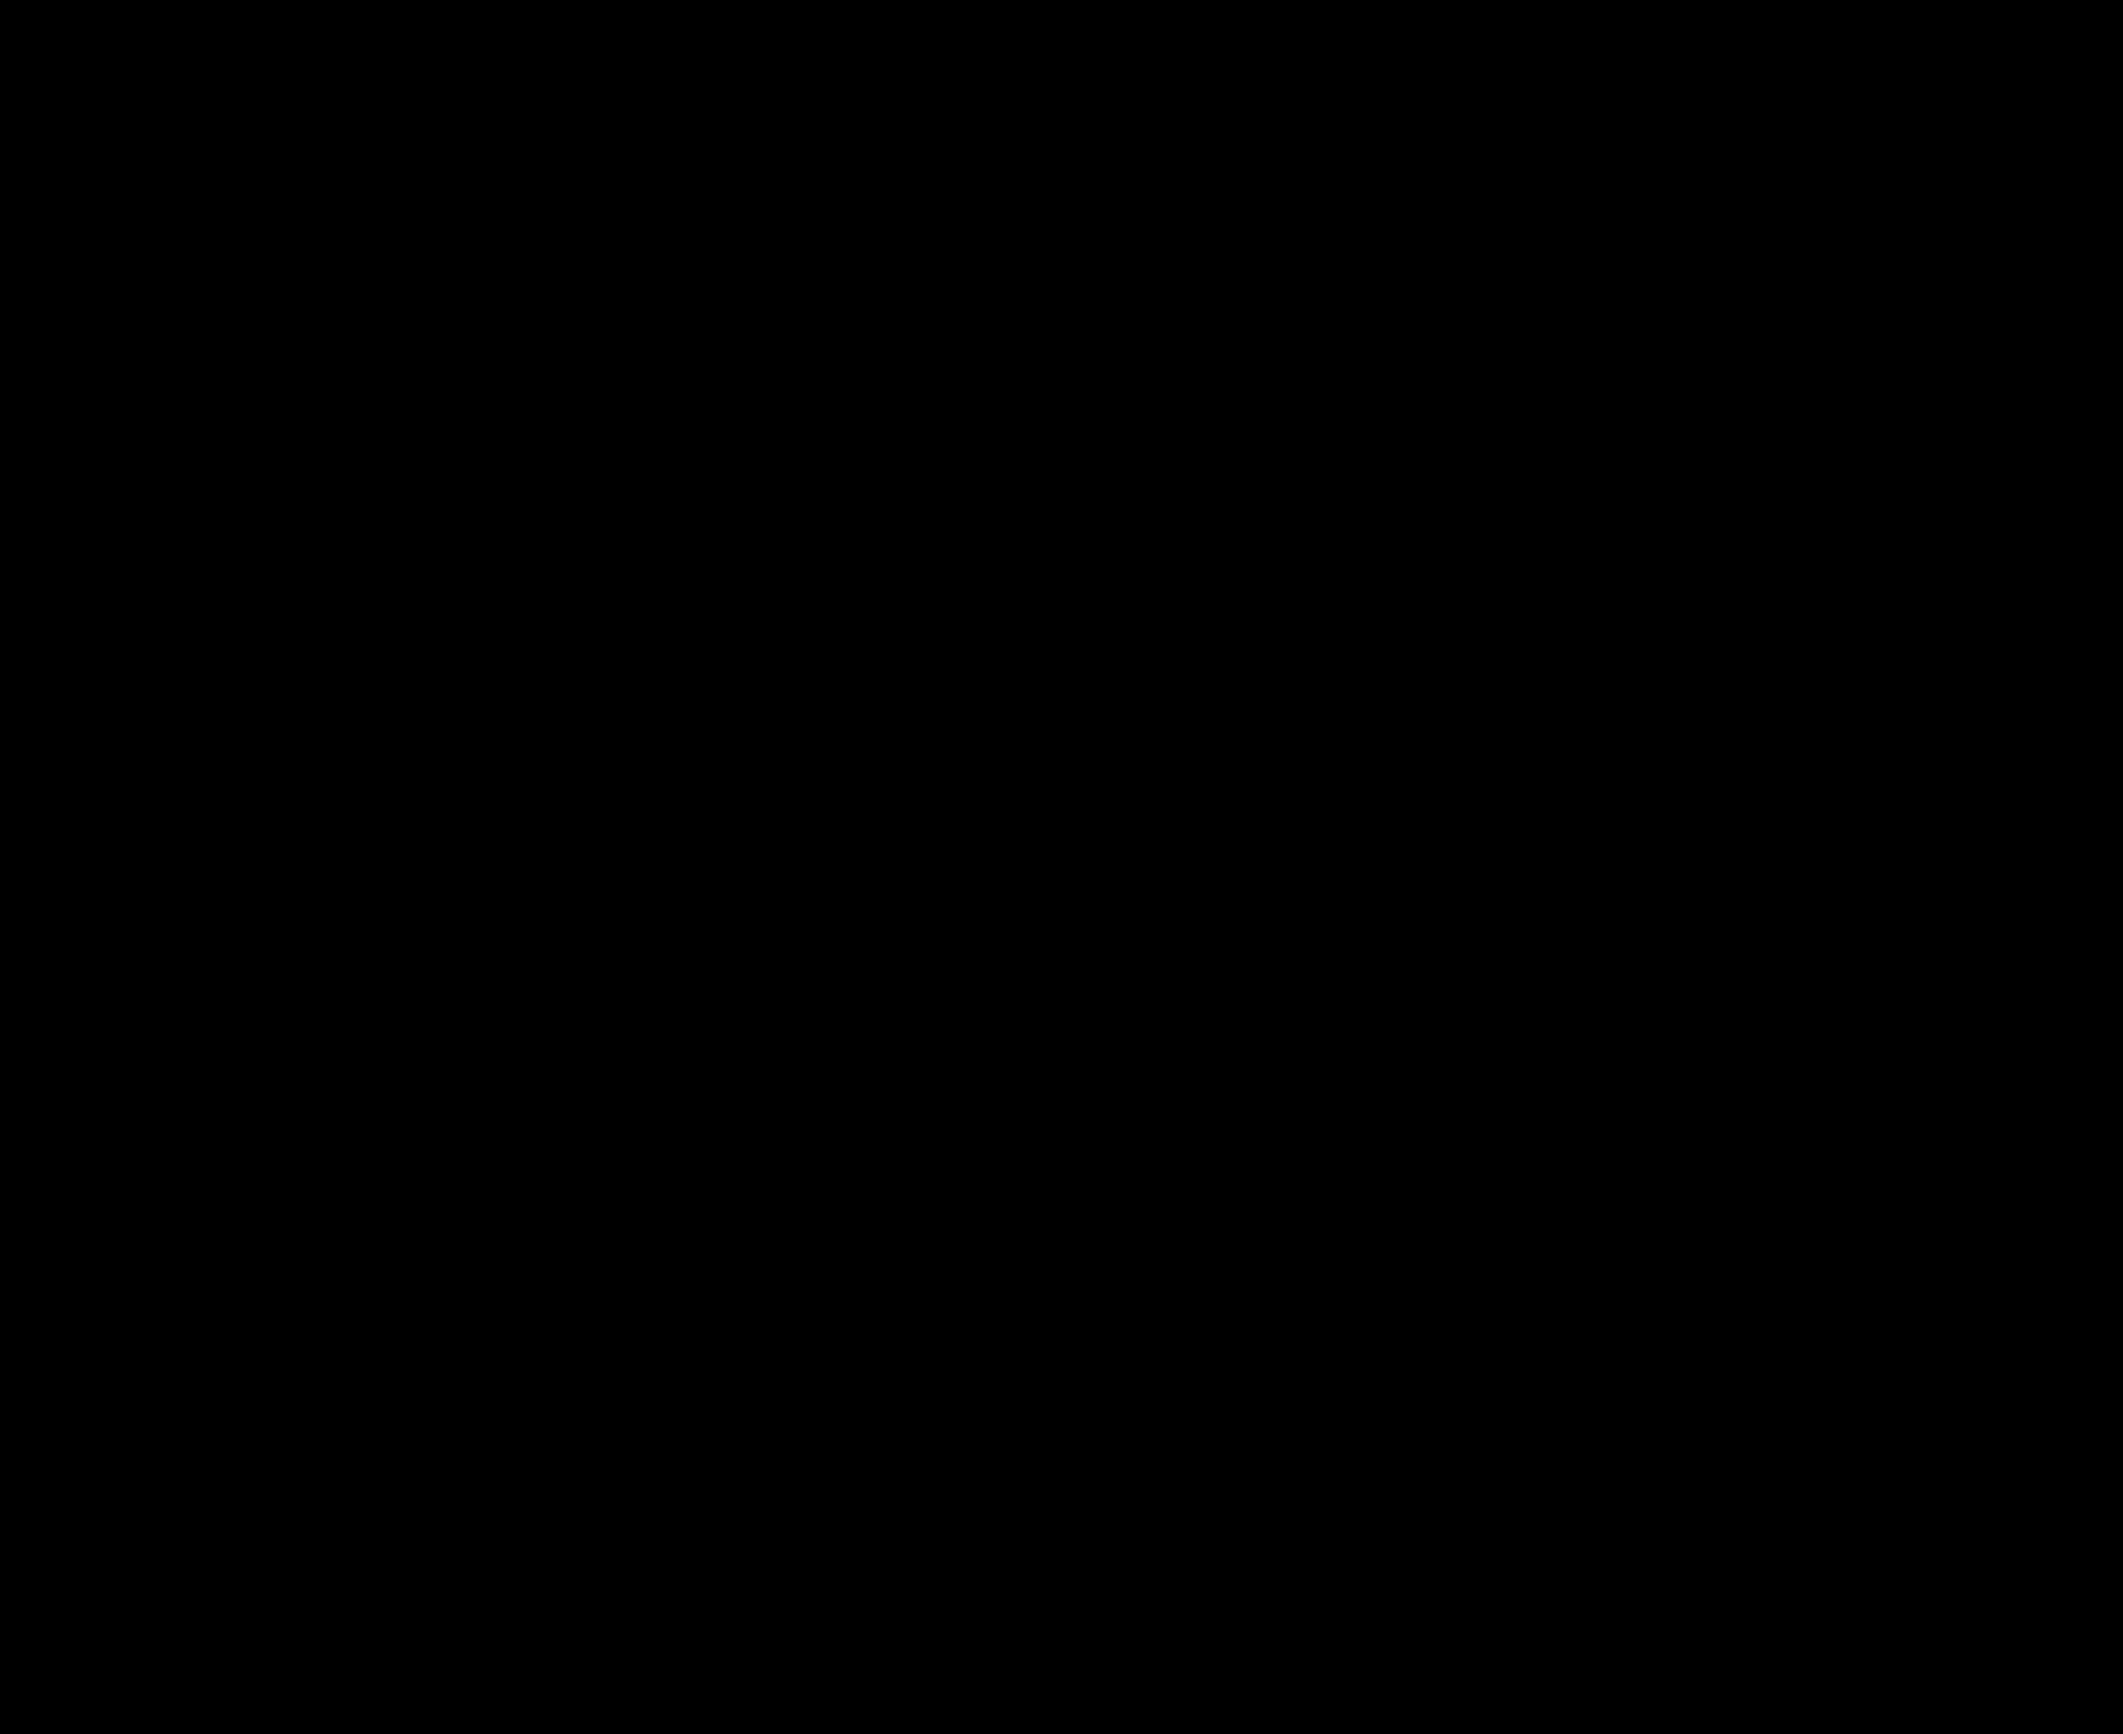 Разработан эскиз памятного знака «нулевой километр»